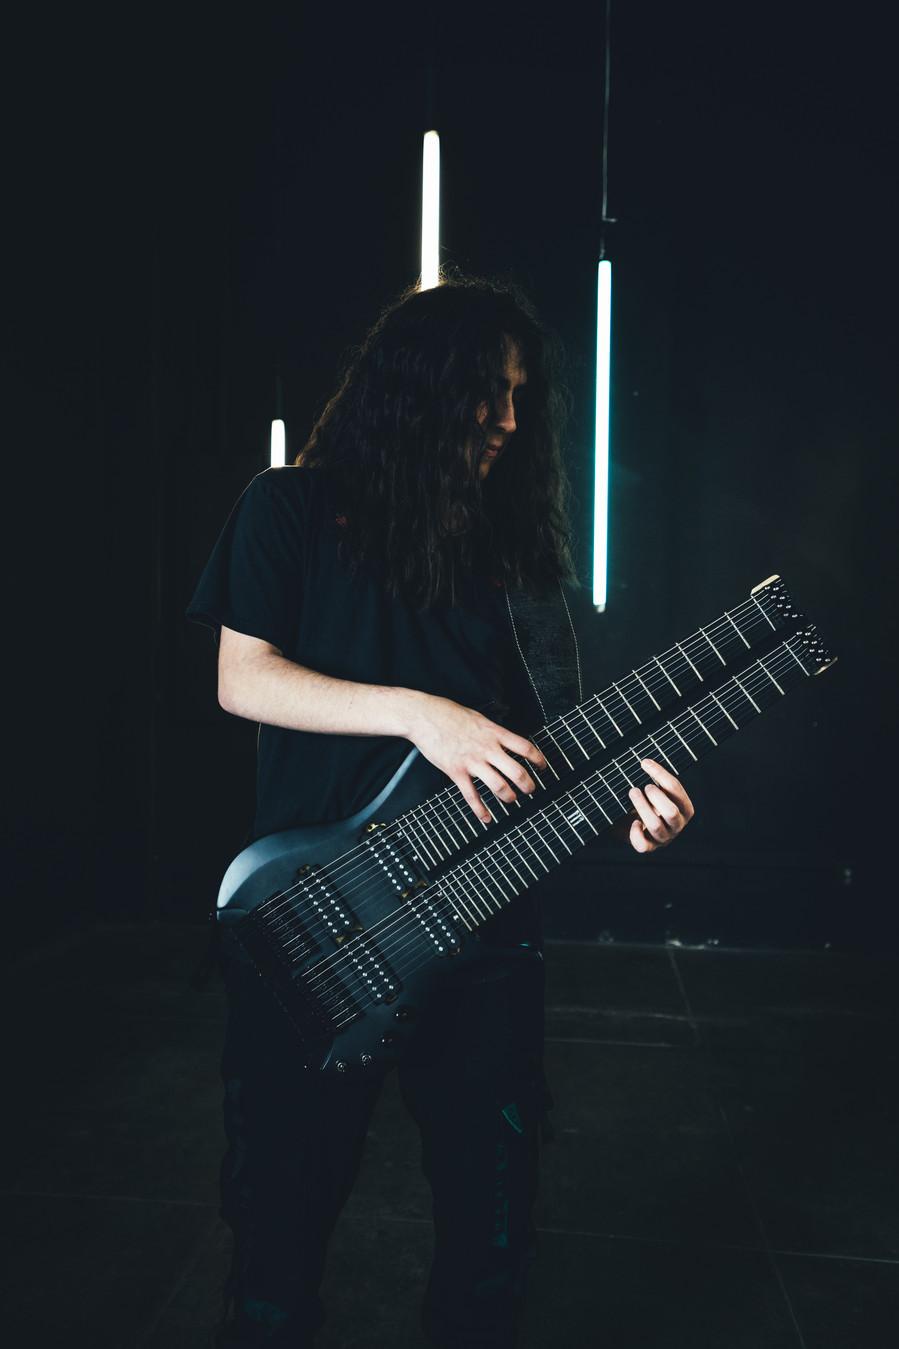 Hedras Black guitar-12.jpg